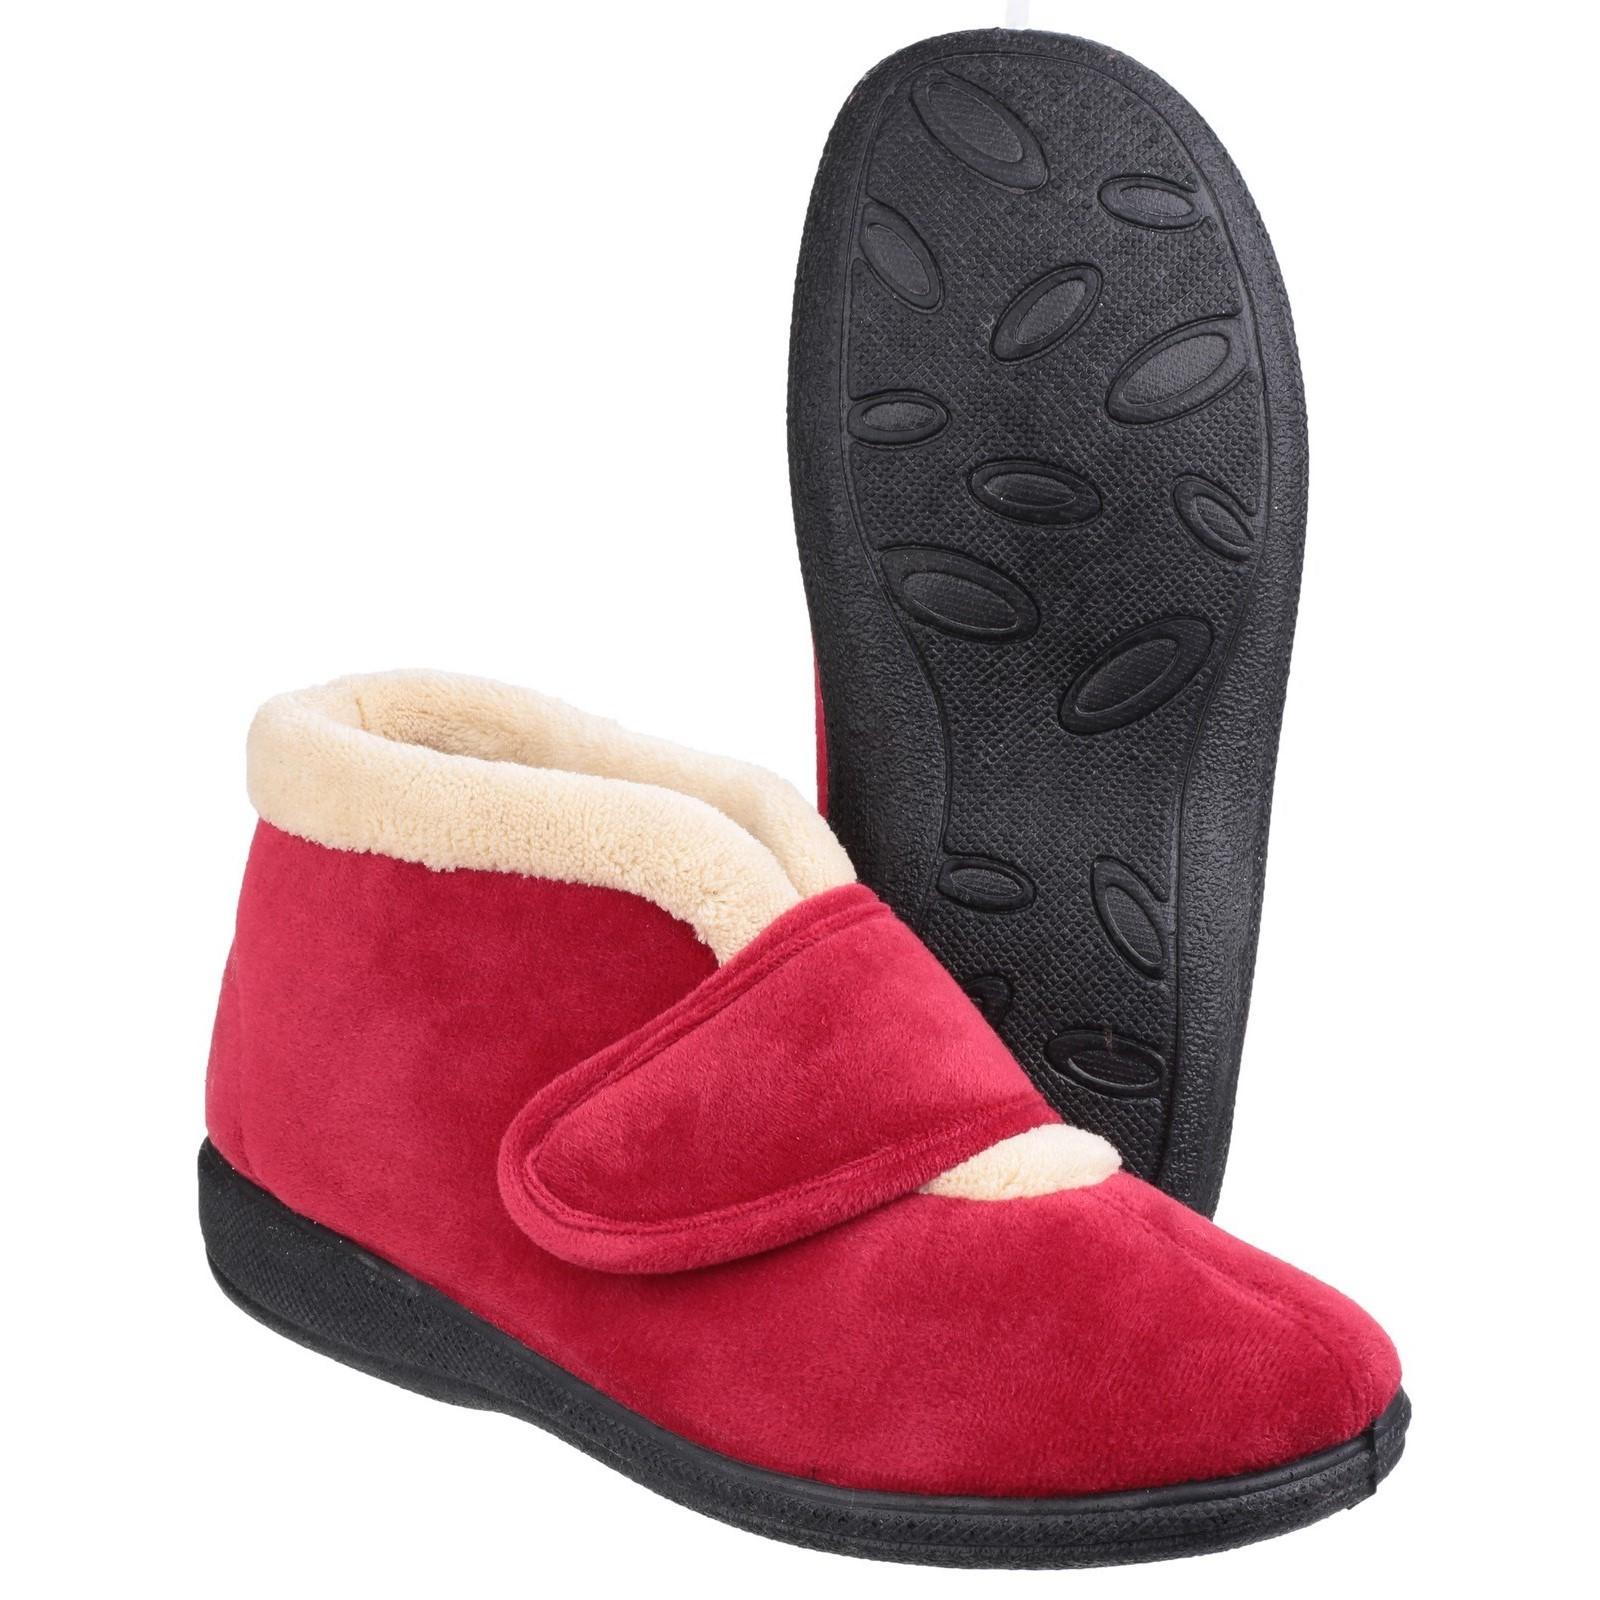 Fleet foster mujer levitt botas calzado exterior zapatos - Botas andar por casa ...